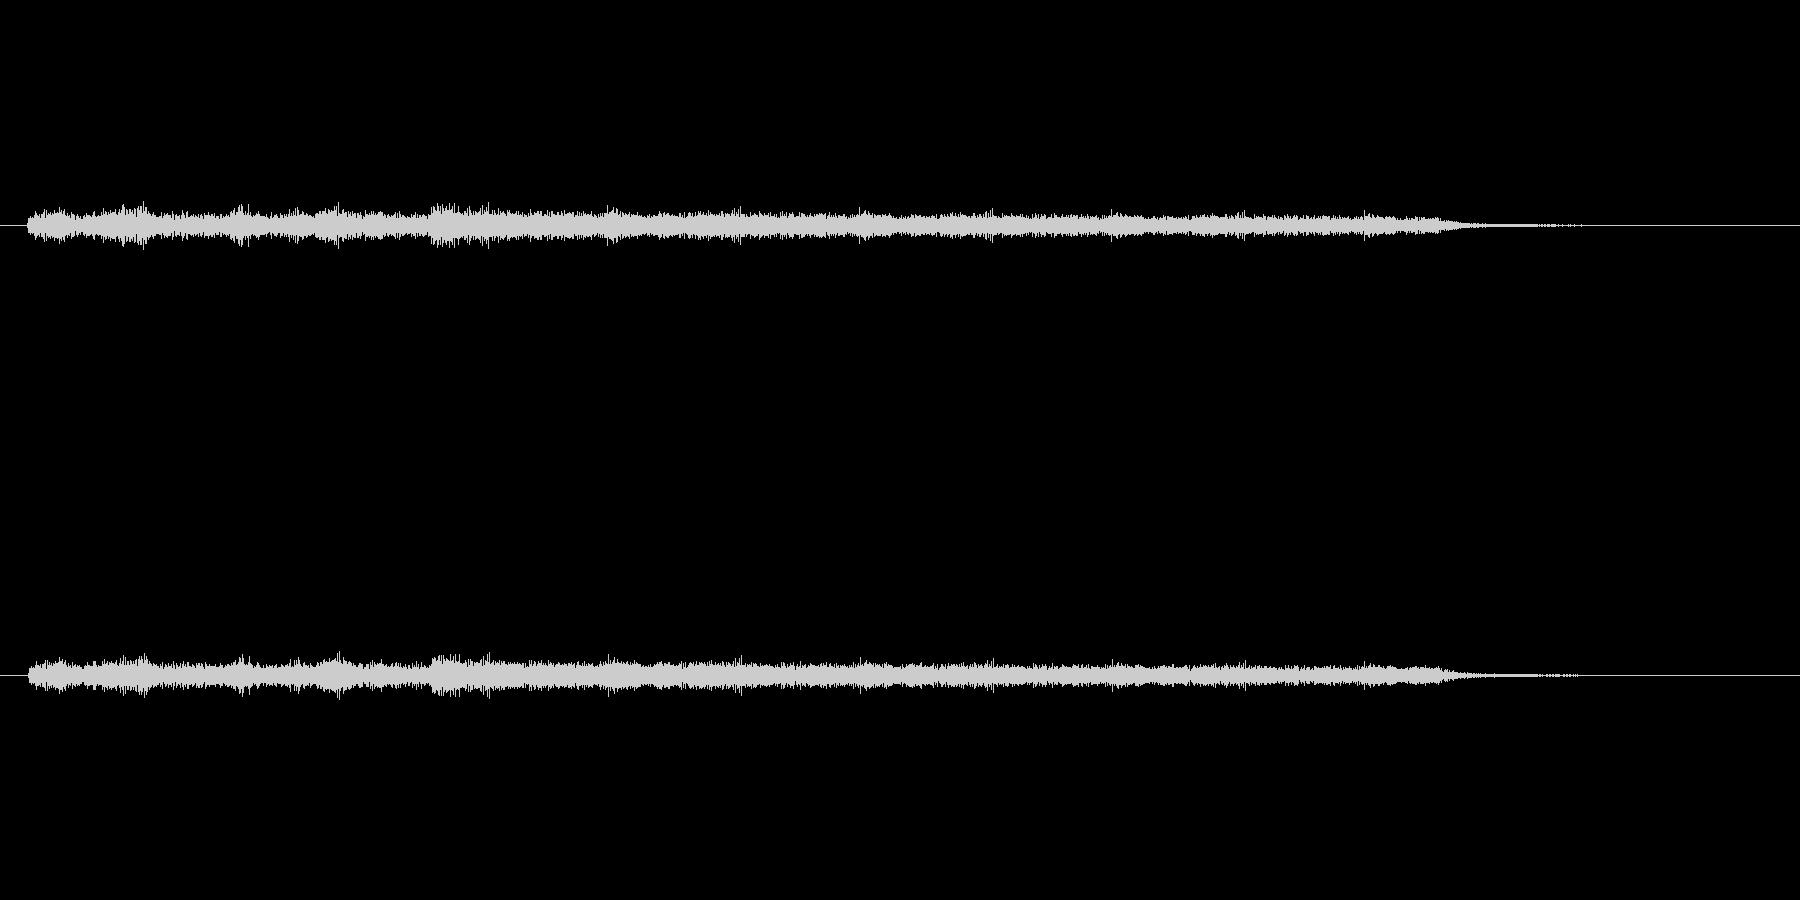 「ジャララララン (シンセ音)」の未再生の波形